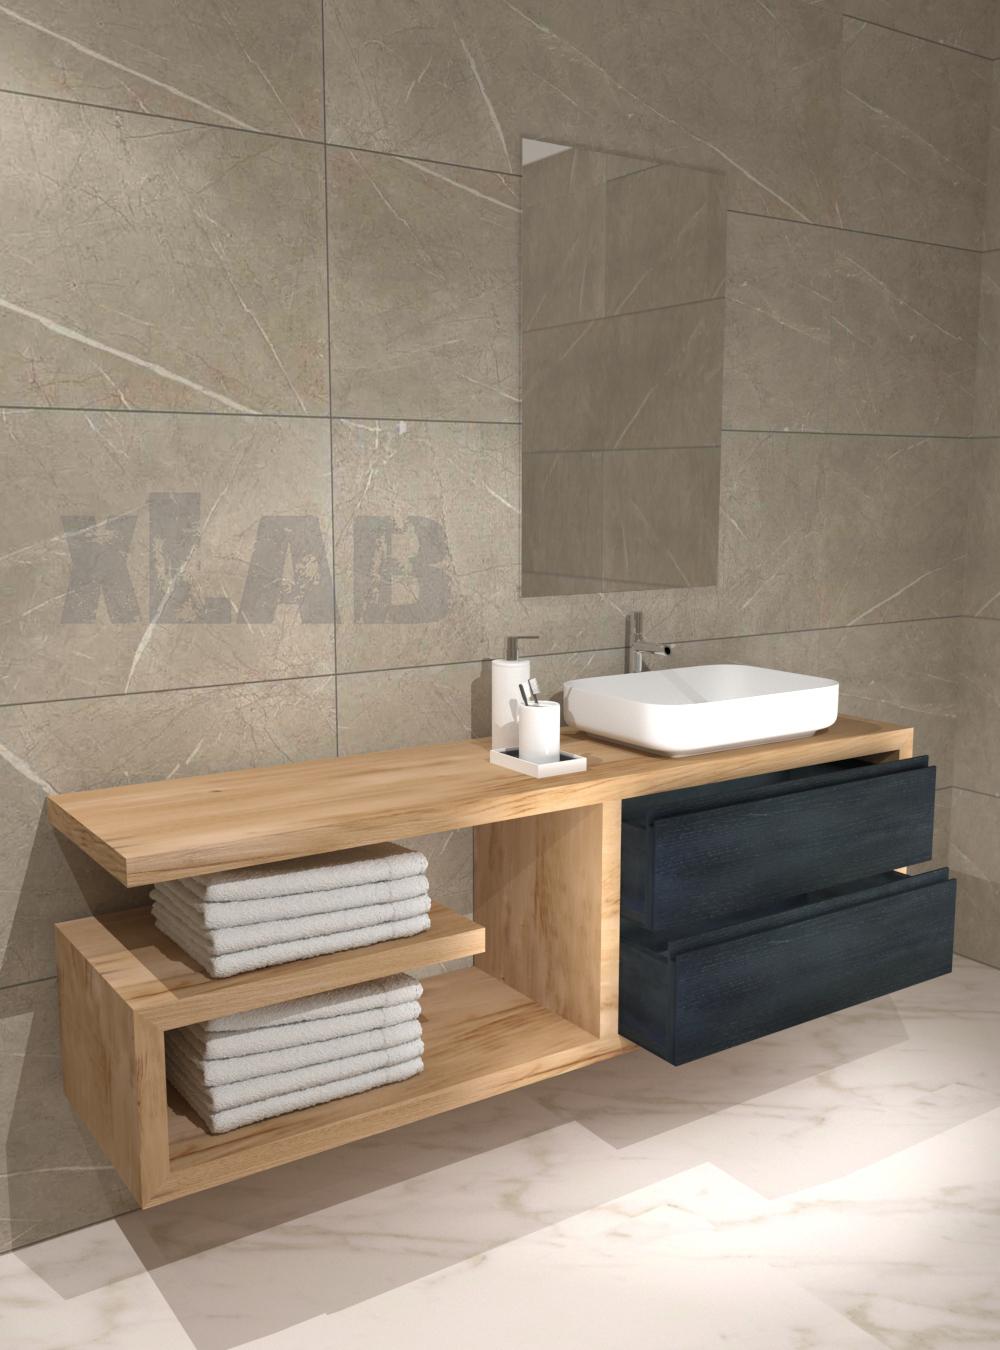 Mobile bagno mensola con cassetto sospeso in legno XLAB Design